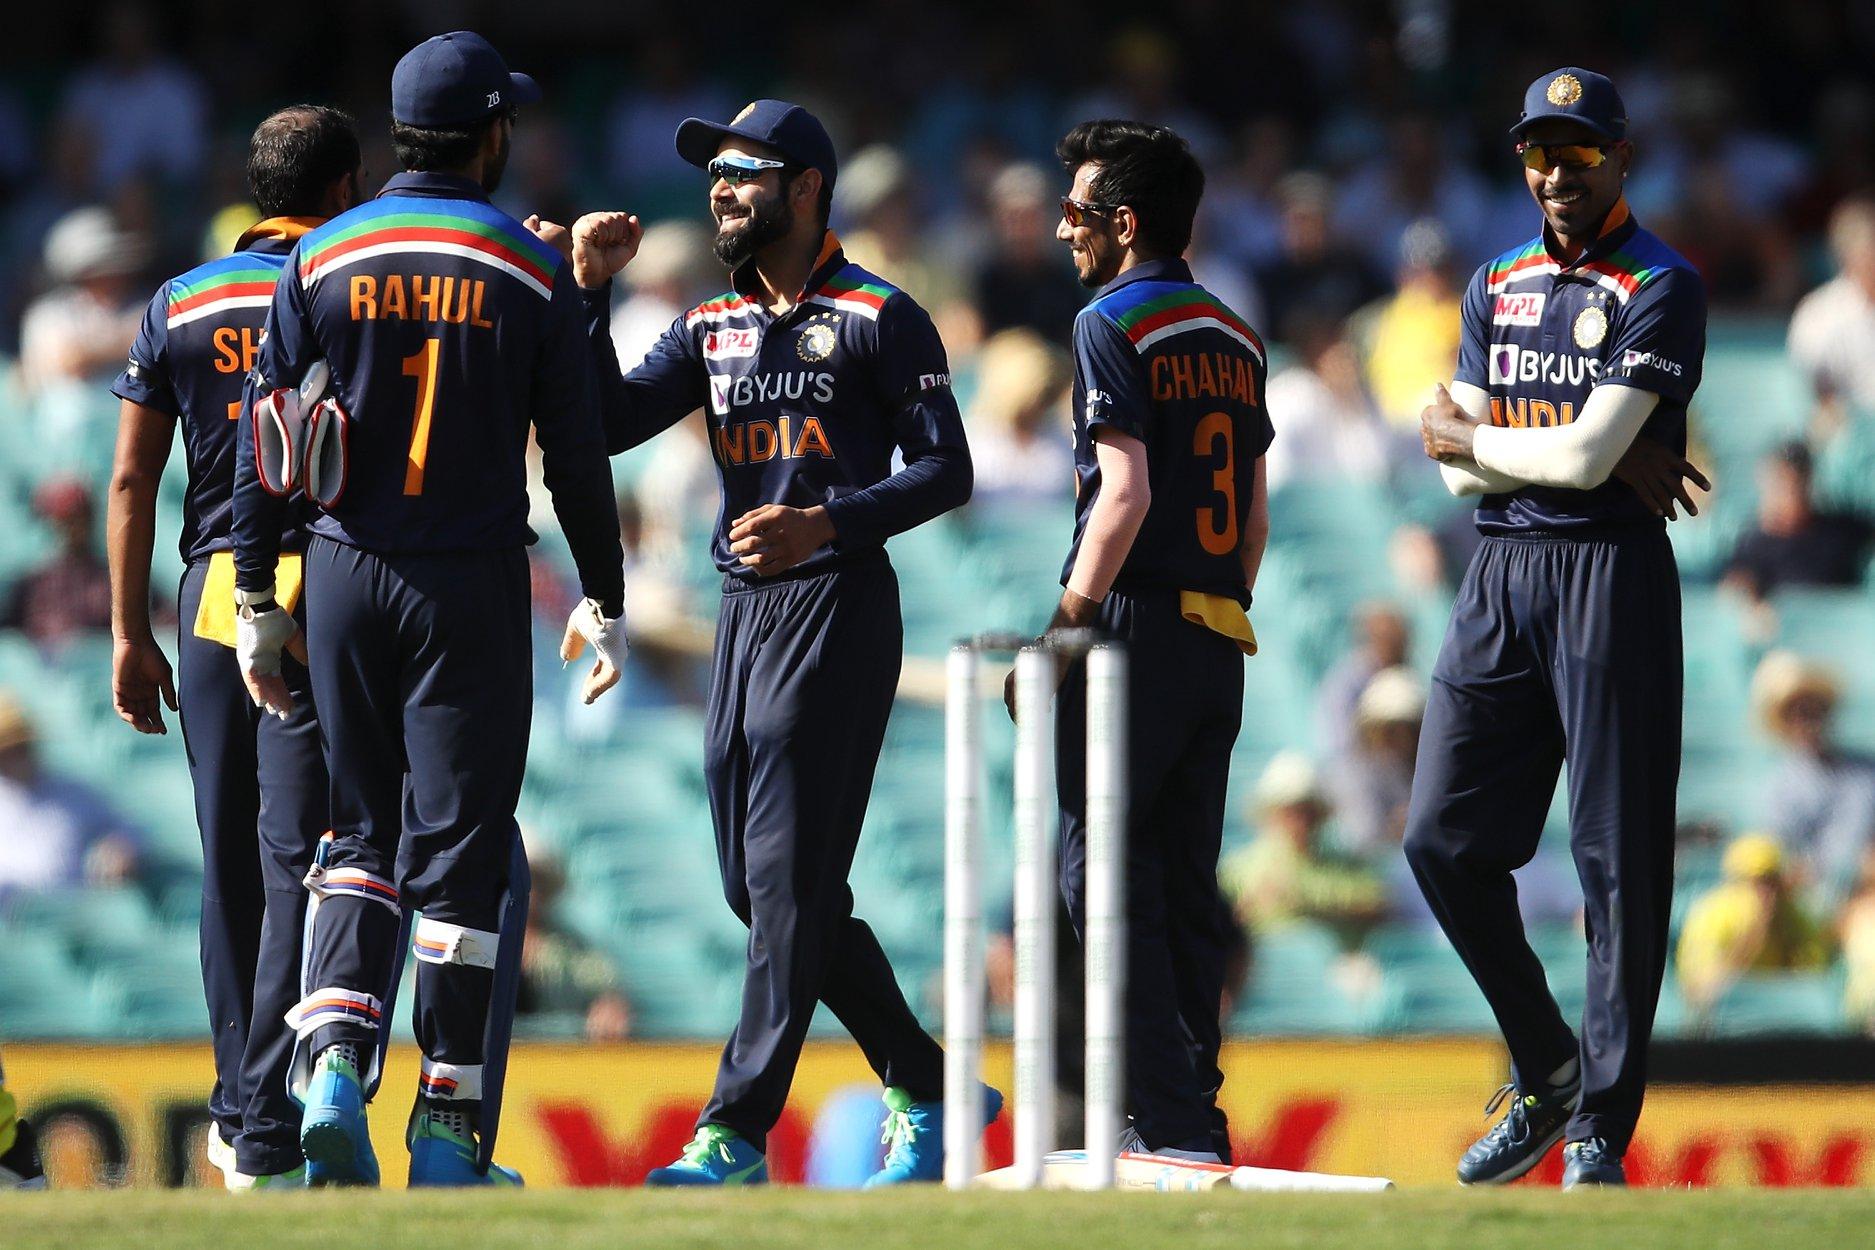 AUSvsIND: भारत के खिलाफ बड़ी जीत के बाद स्मिथ नहीं बल्कि इस खिलाड़ी को आरोन फिंच ने दिया श्रेय 4